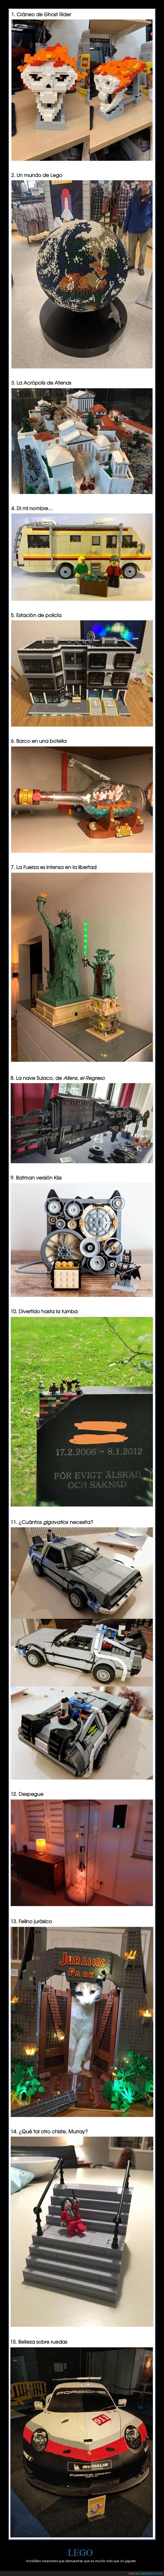 creaciones,esculturas,lego